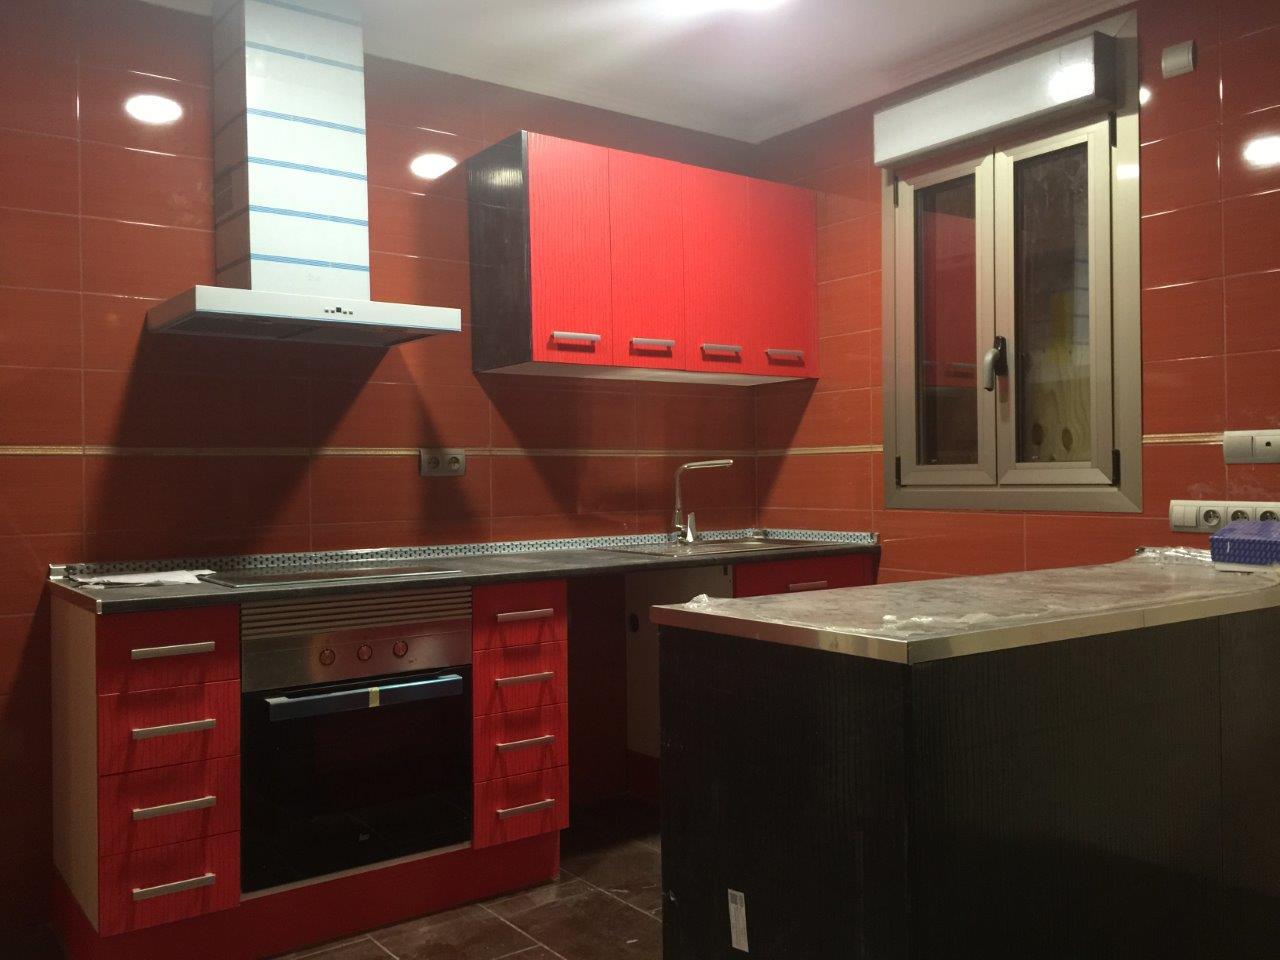 Maison Modulaire Duplex Cuisine